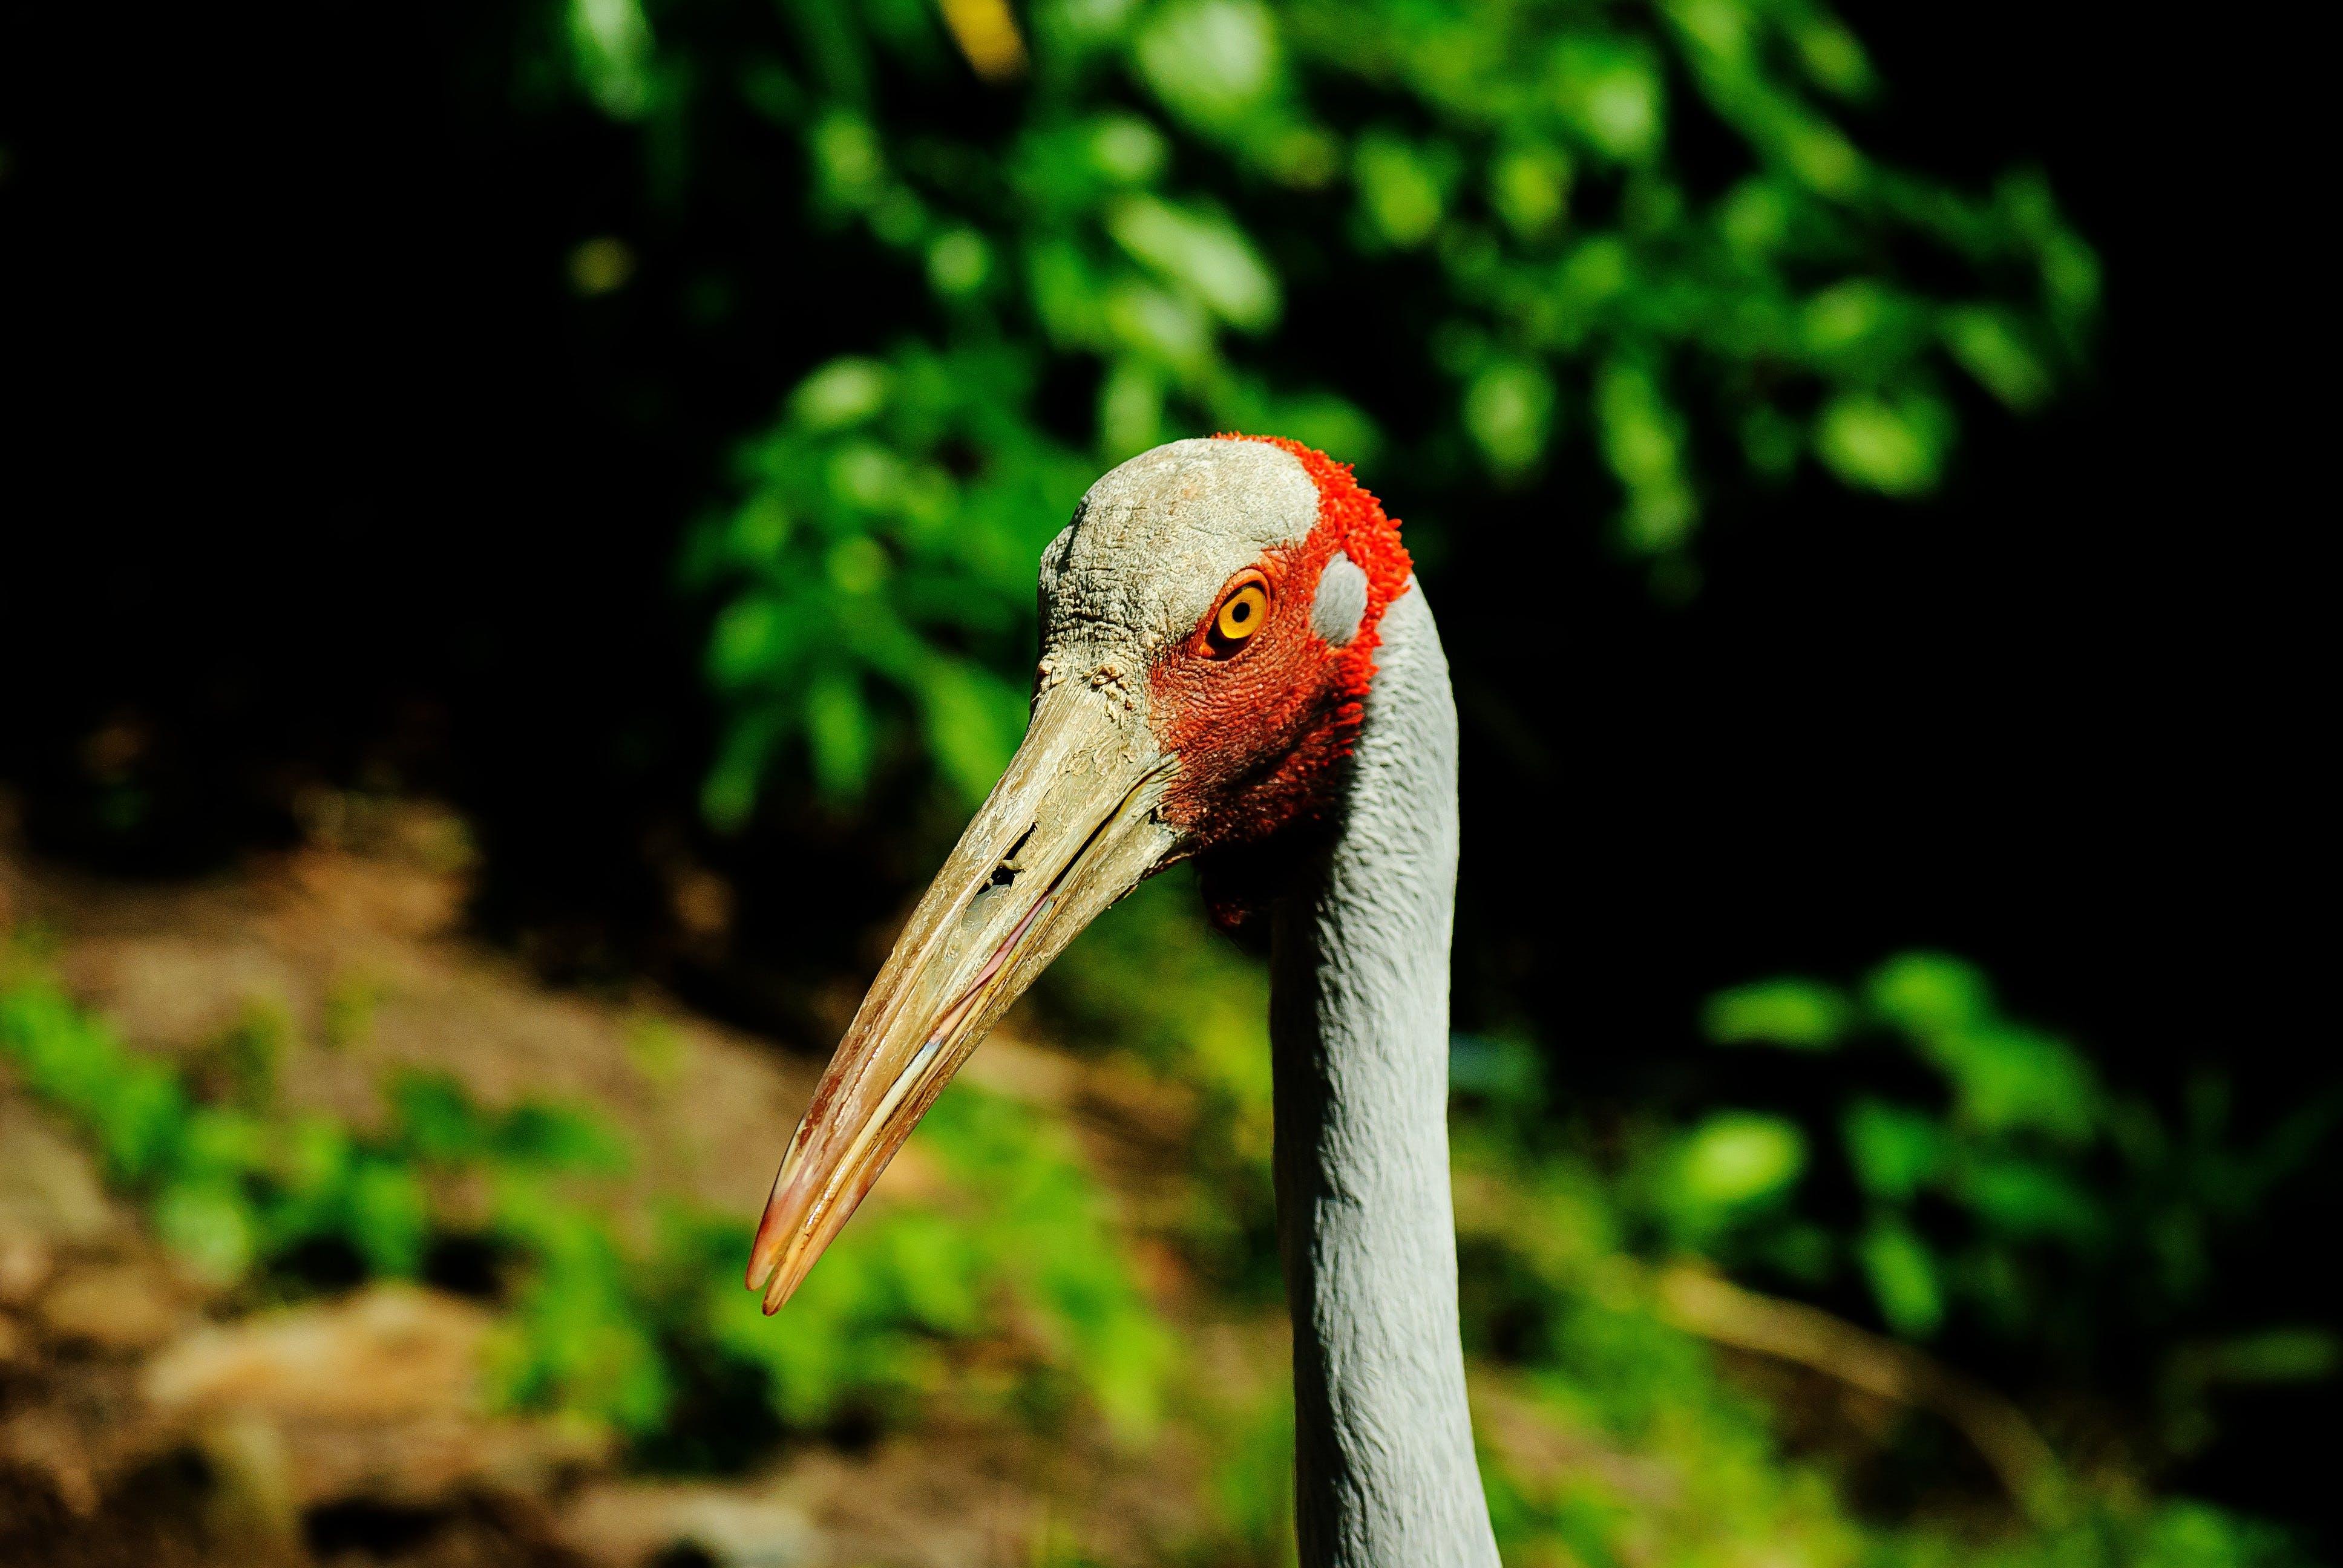 Gray Red Bird Near Trees